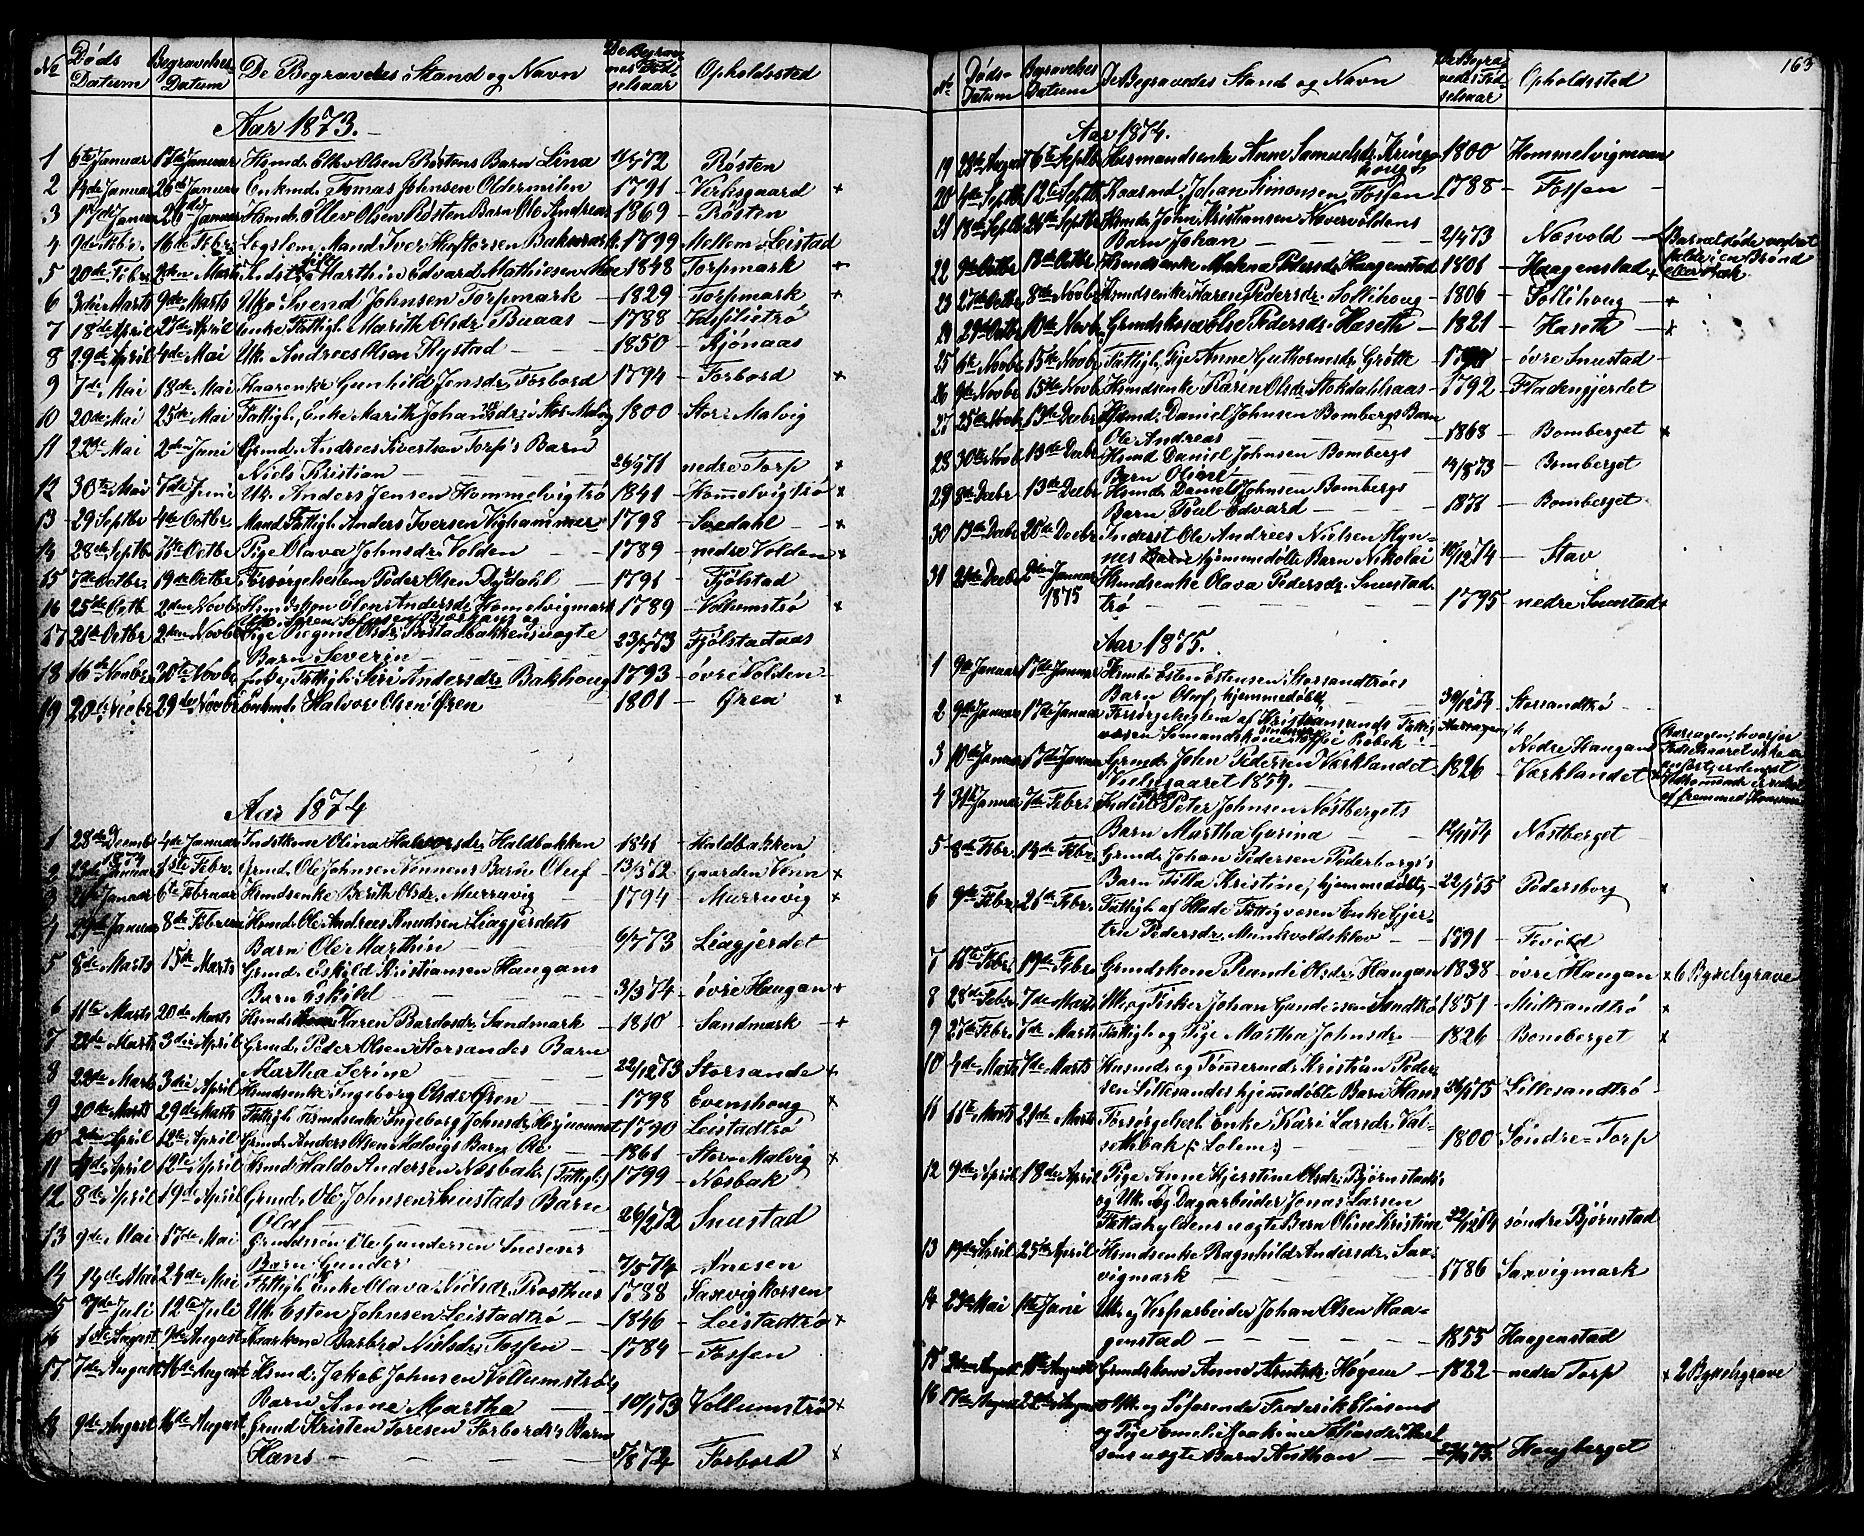 SAT, Ministerialprotokoller, klokkerbøker og fødselsregistre - Sør-Trøndelag, 616/L0422: Klokkerbok nr. 616C05, 1850-1888, s. 163